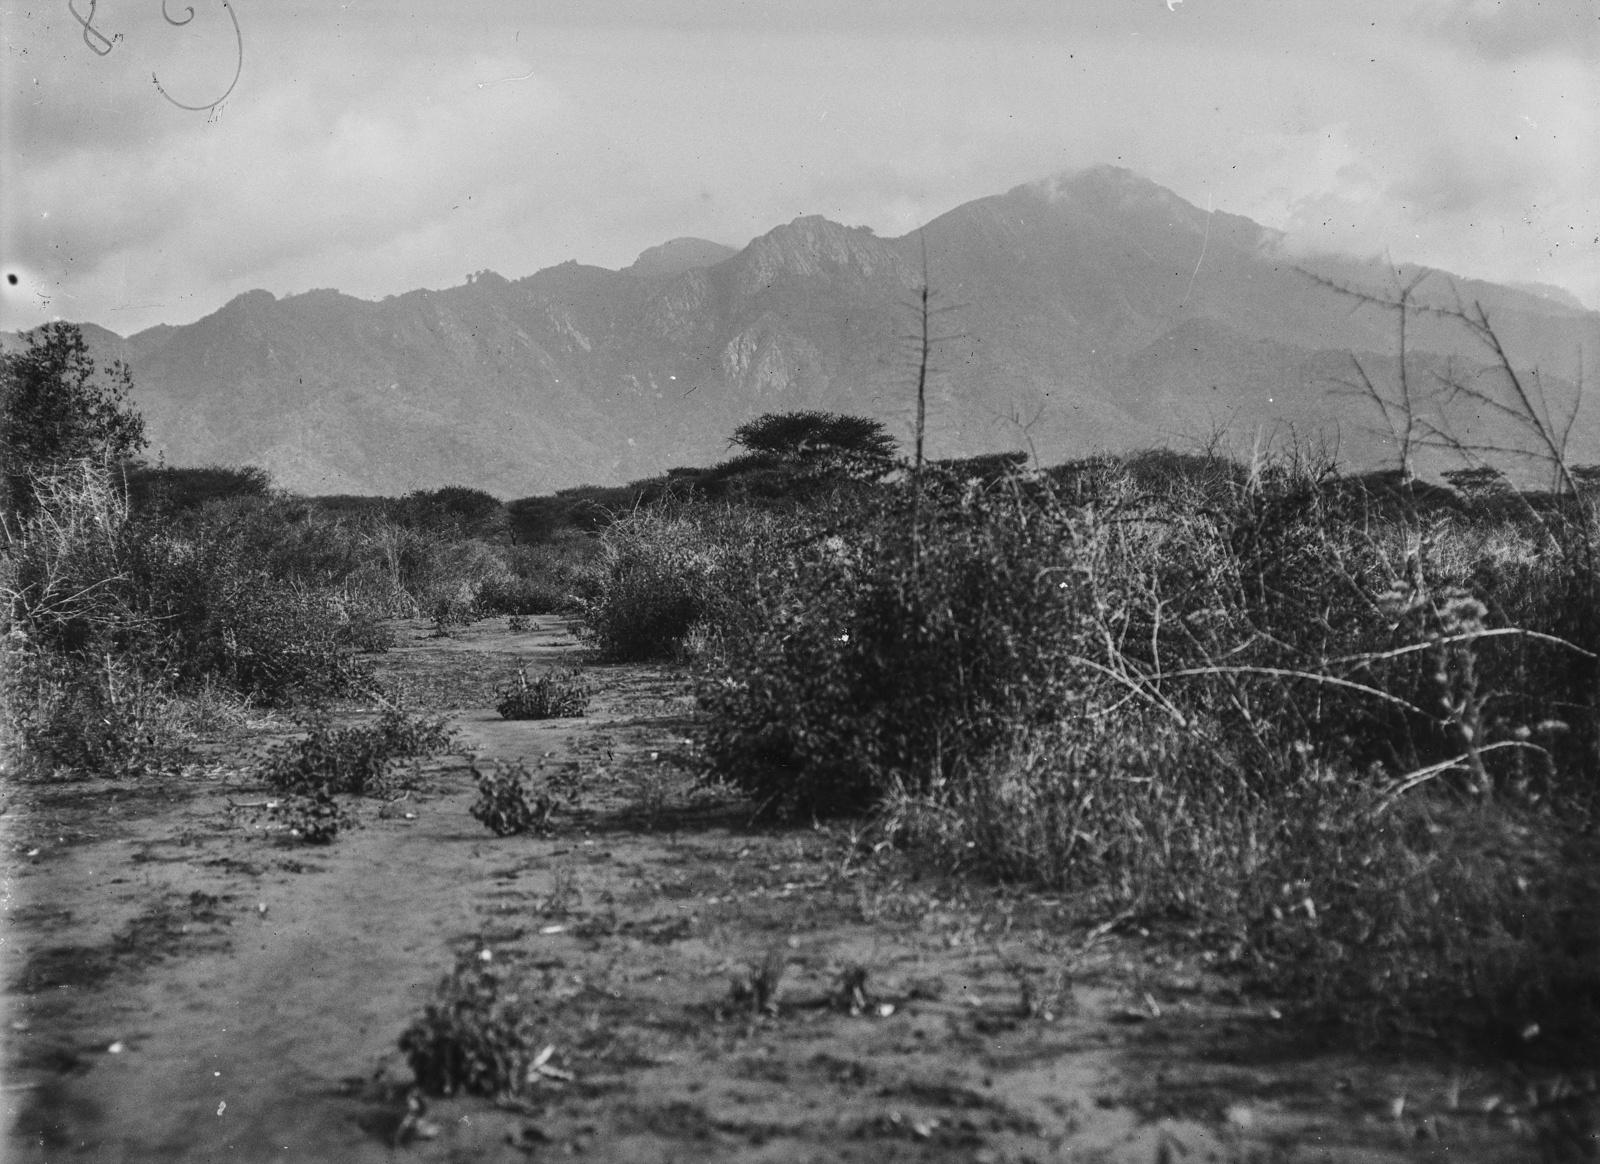 261. Сельская местность в районе гор Паре